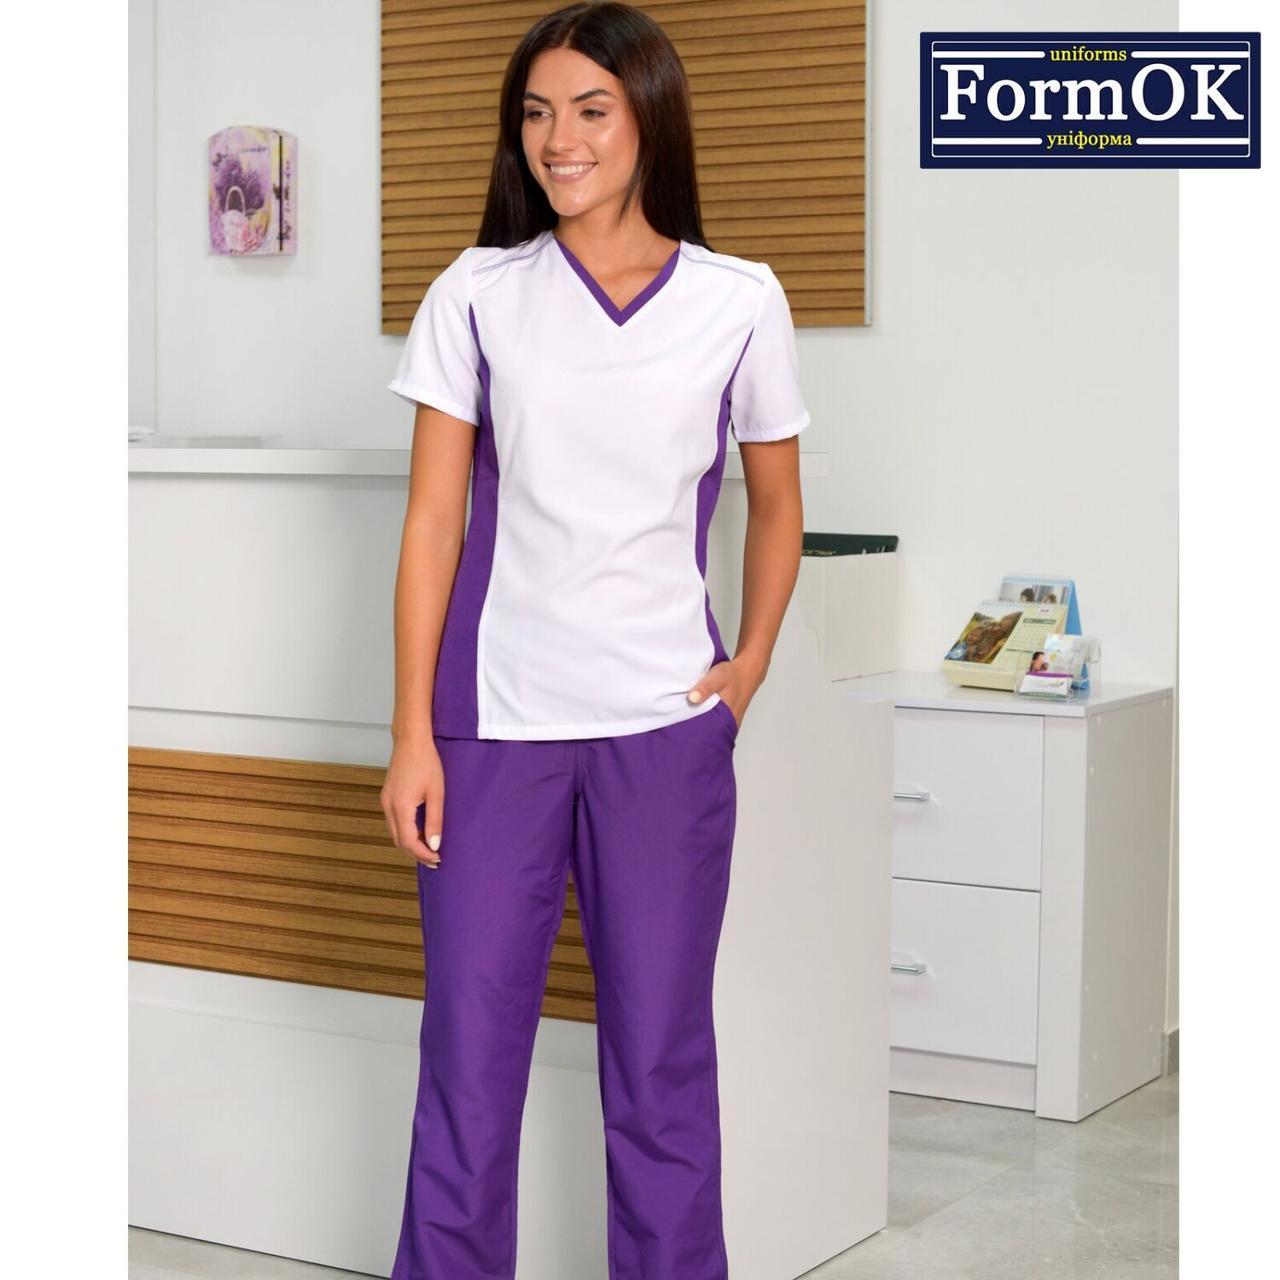 Женские медицинские костюмы Ариша бело-фиолетовая 44